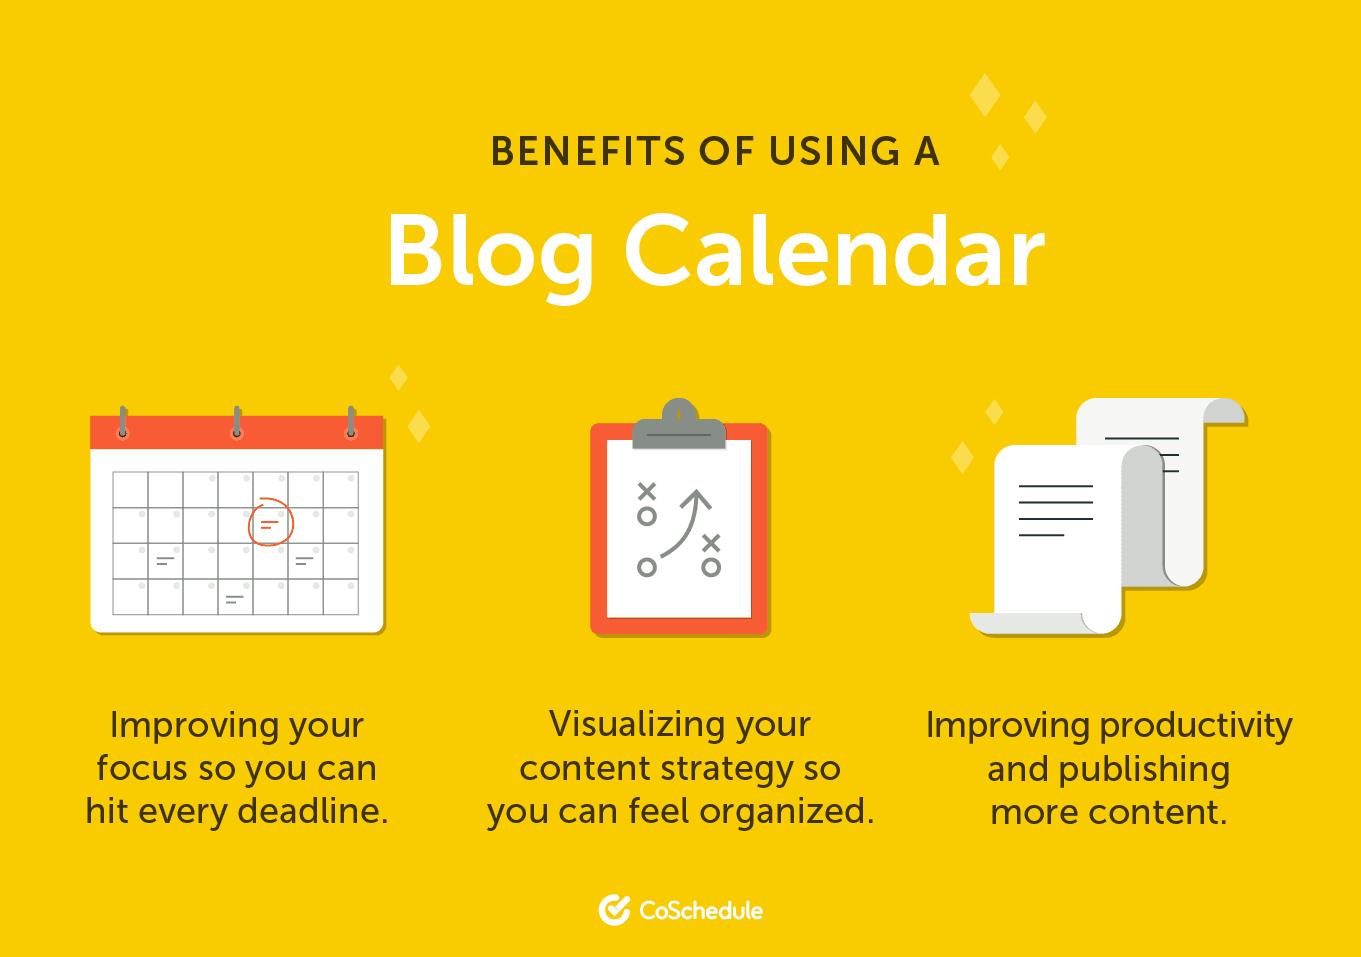 Benefits of Using a Blog Calendar